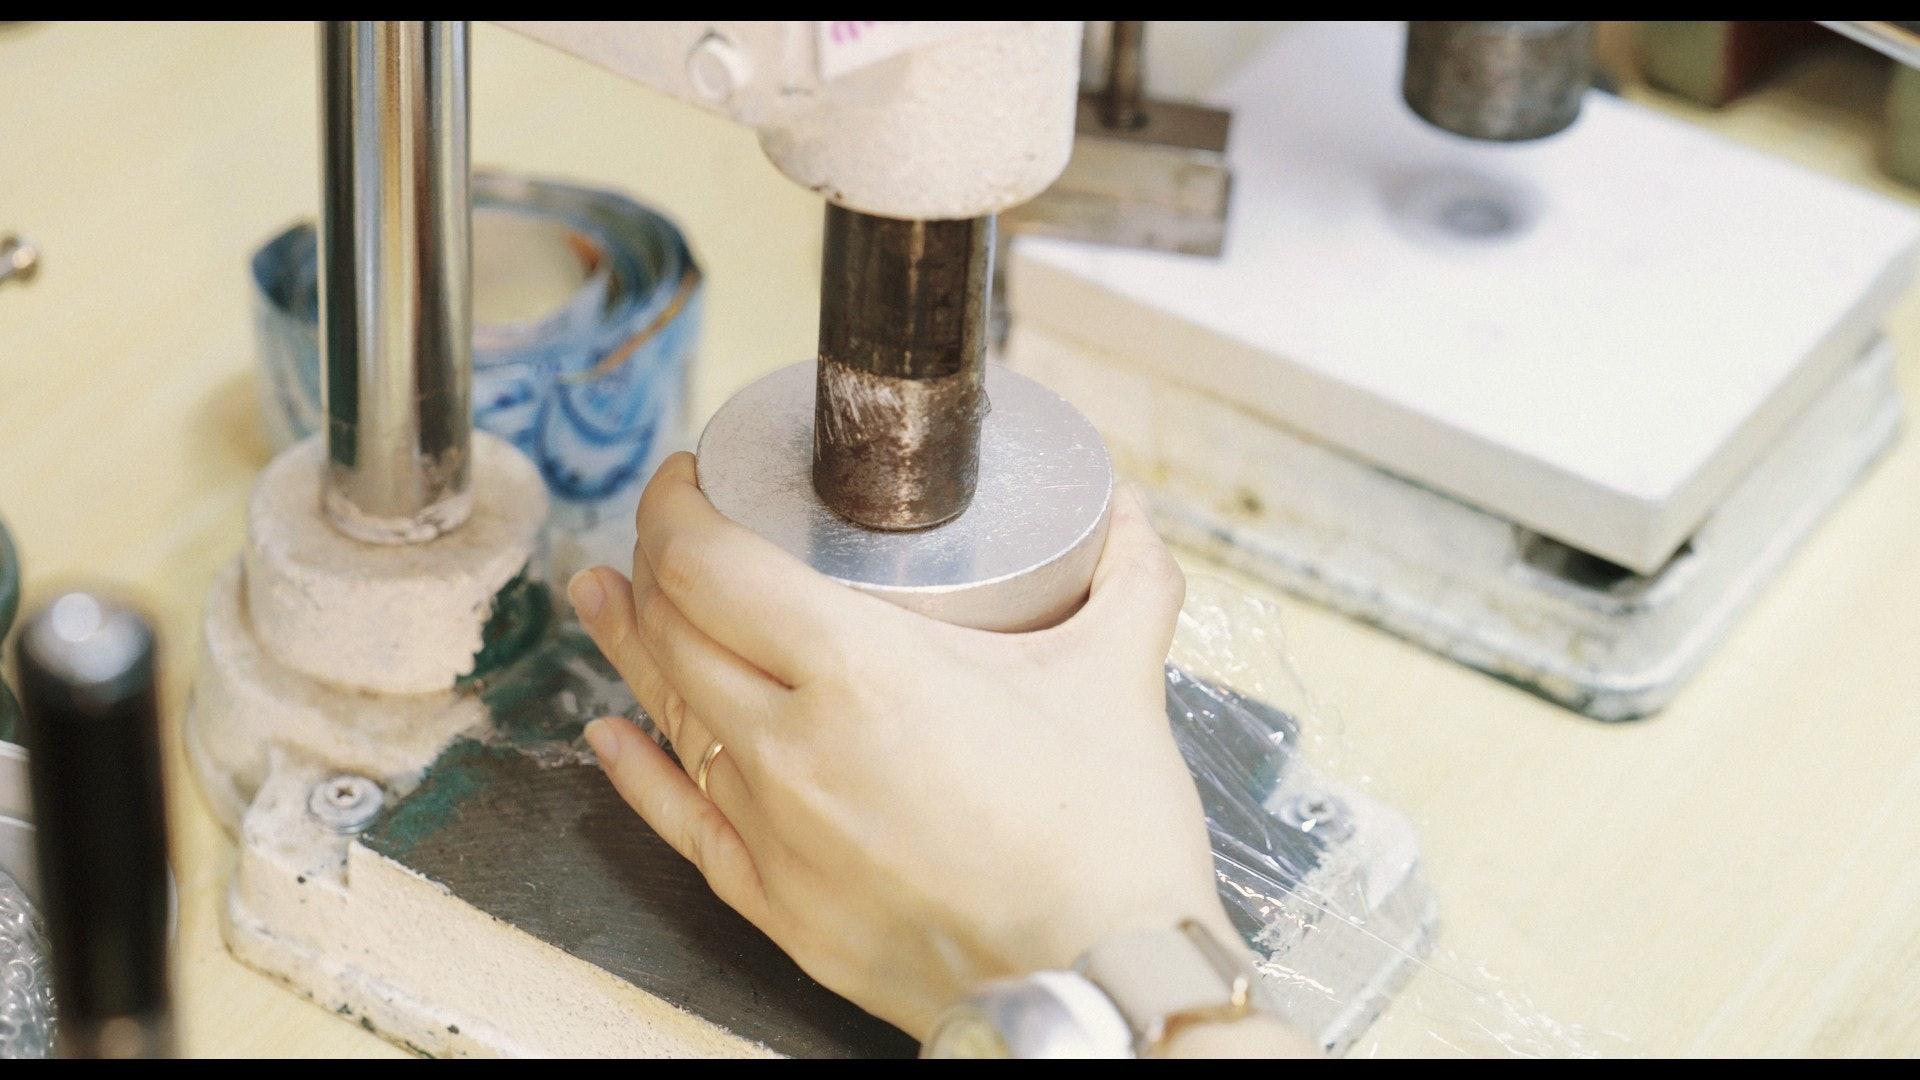 切割、打磨和裝嵌,鋁罐一步步脫胎換骨,成為新生命。(夏晉賢攝)